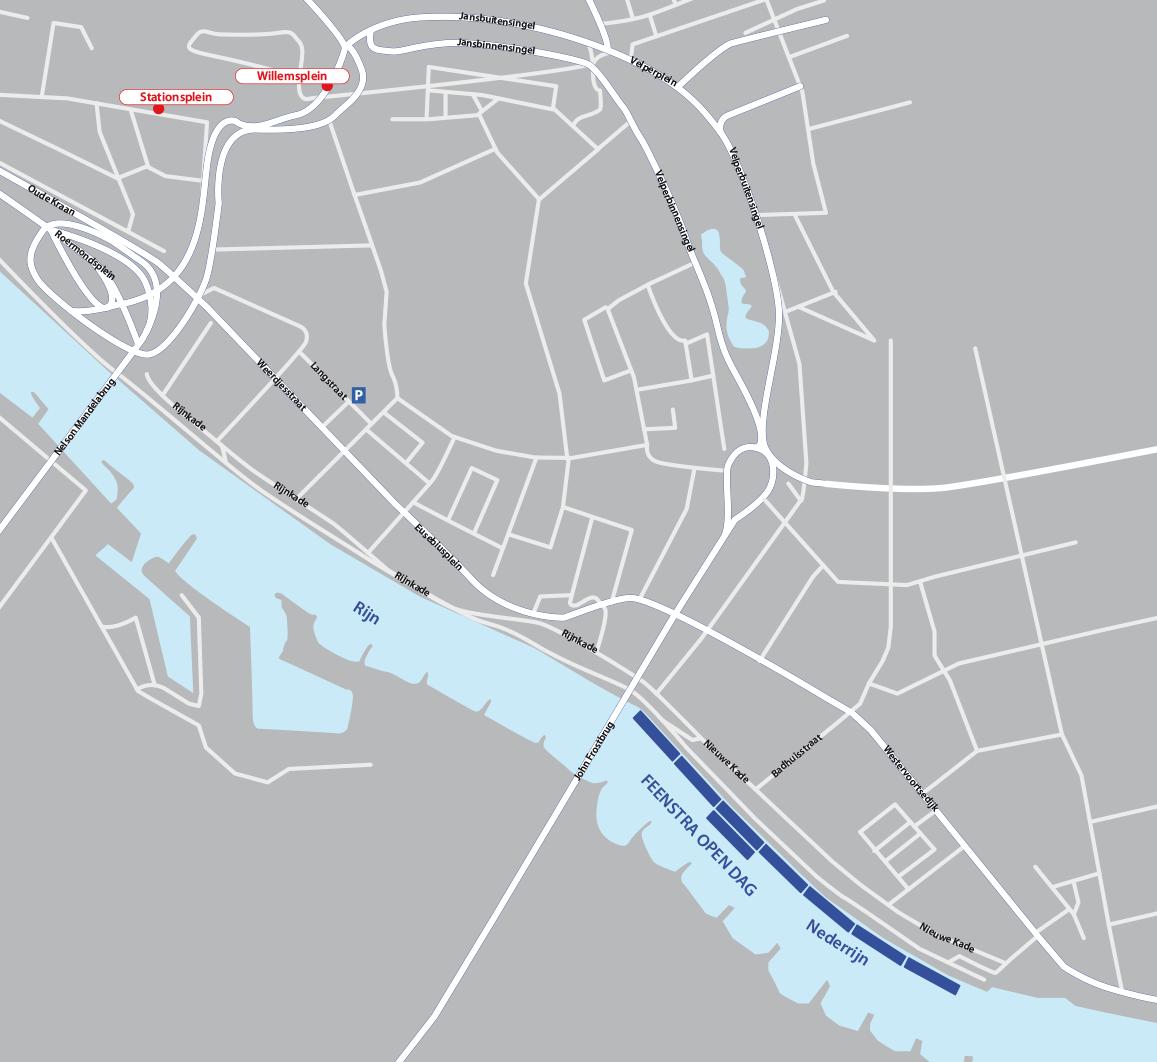 Arnhem-haven-2017.png#asset:45372989